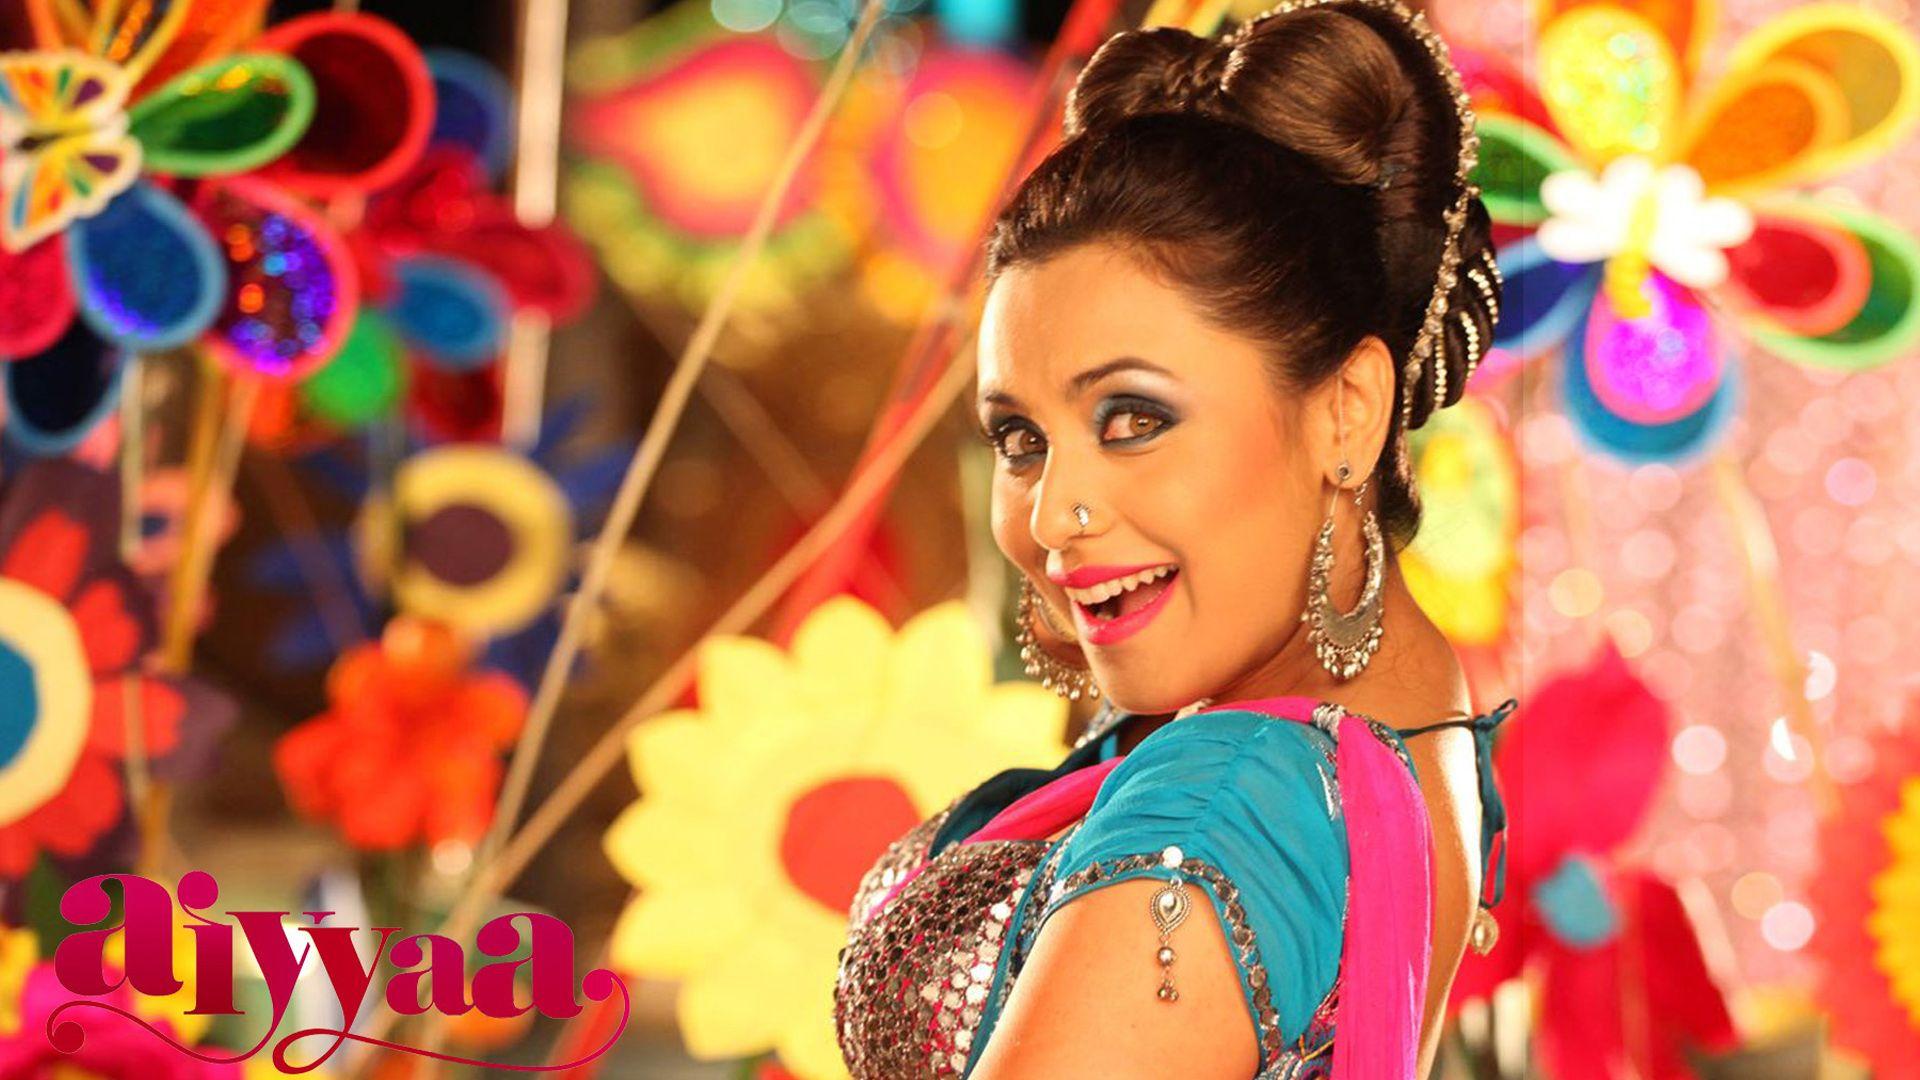 rani mukerjee - bollywood - actress wallpapers download free